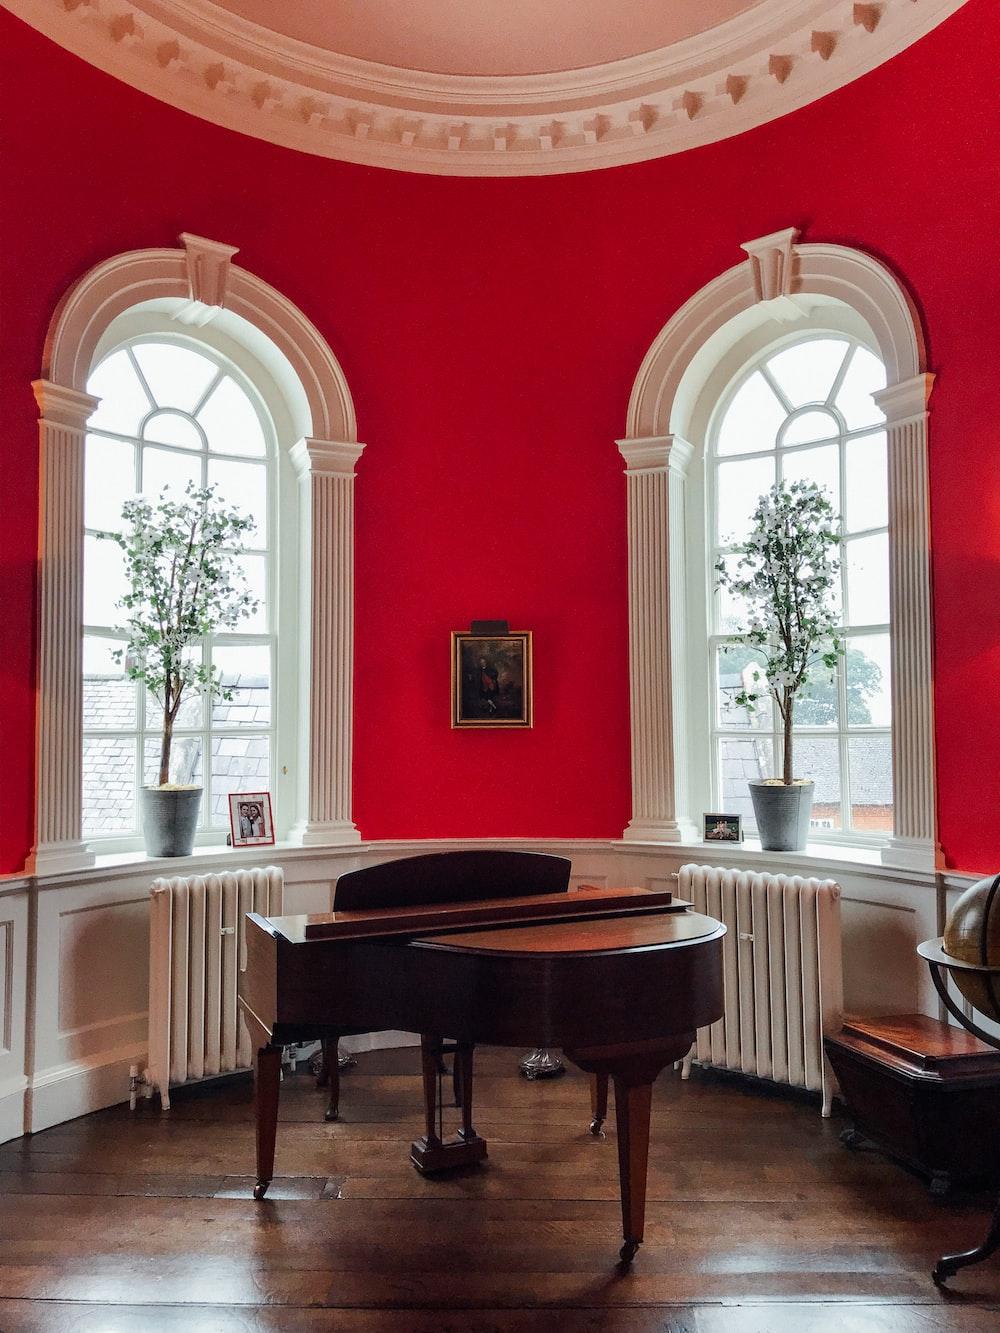 brown grand piano near windows